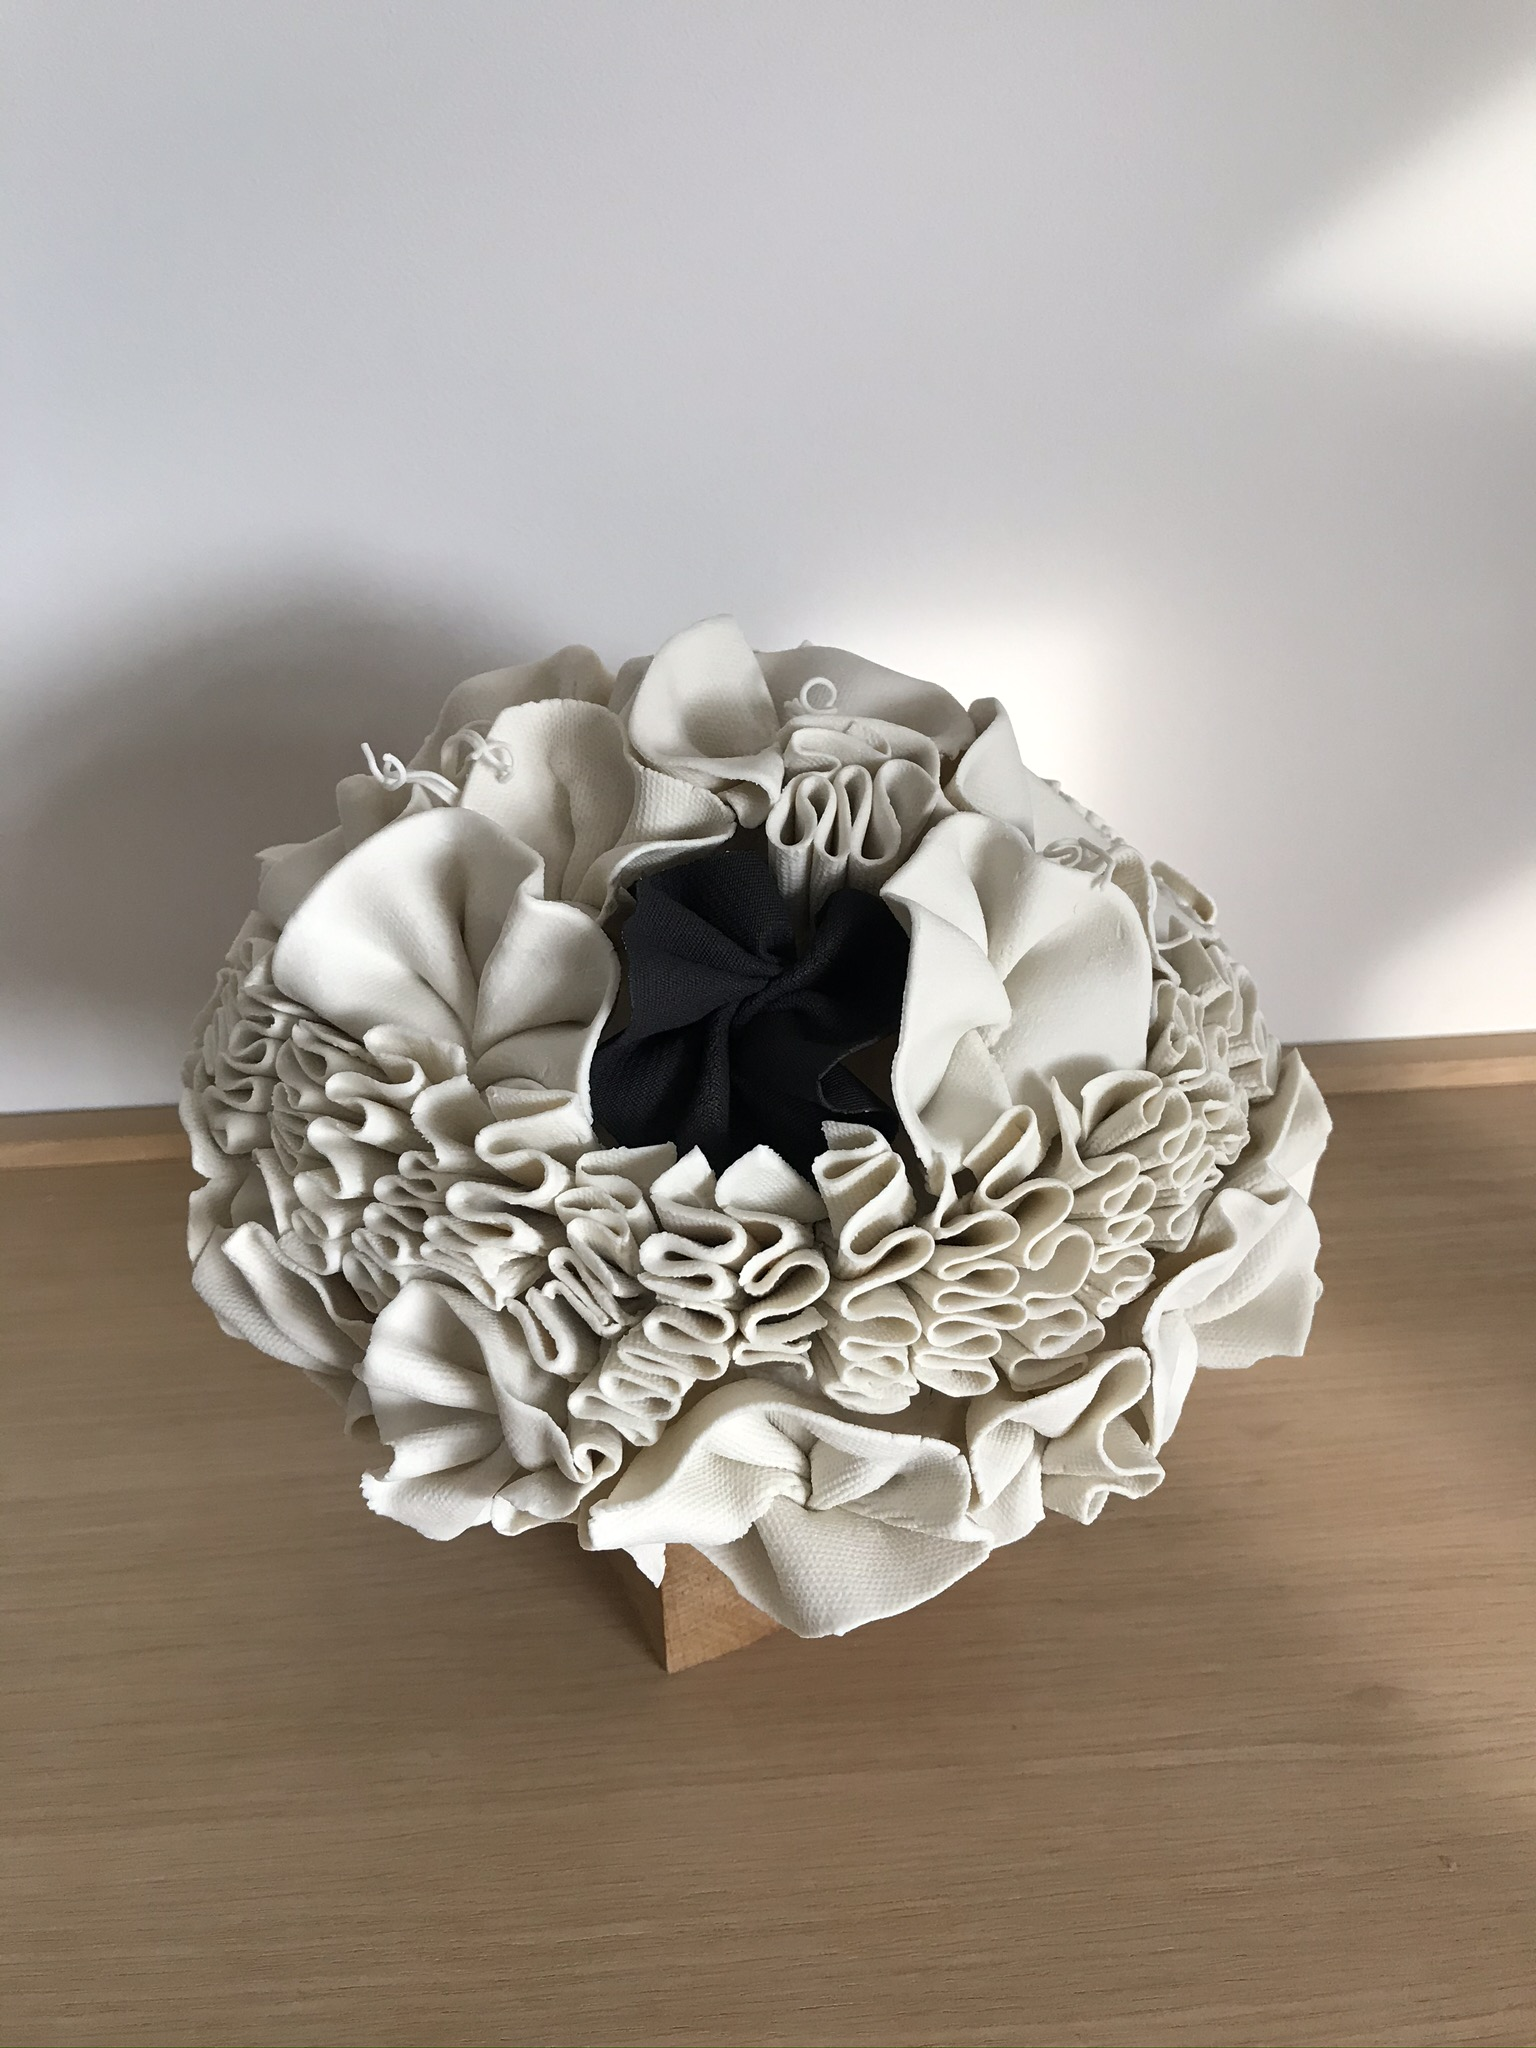 Sculpture en porcelaine - Pur Indigo - La minute déco